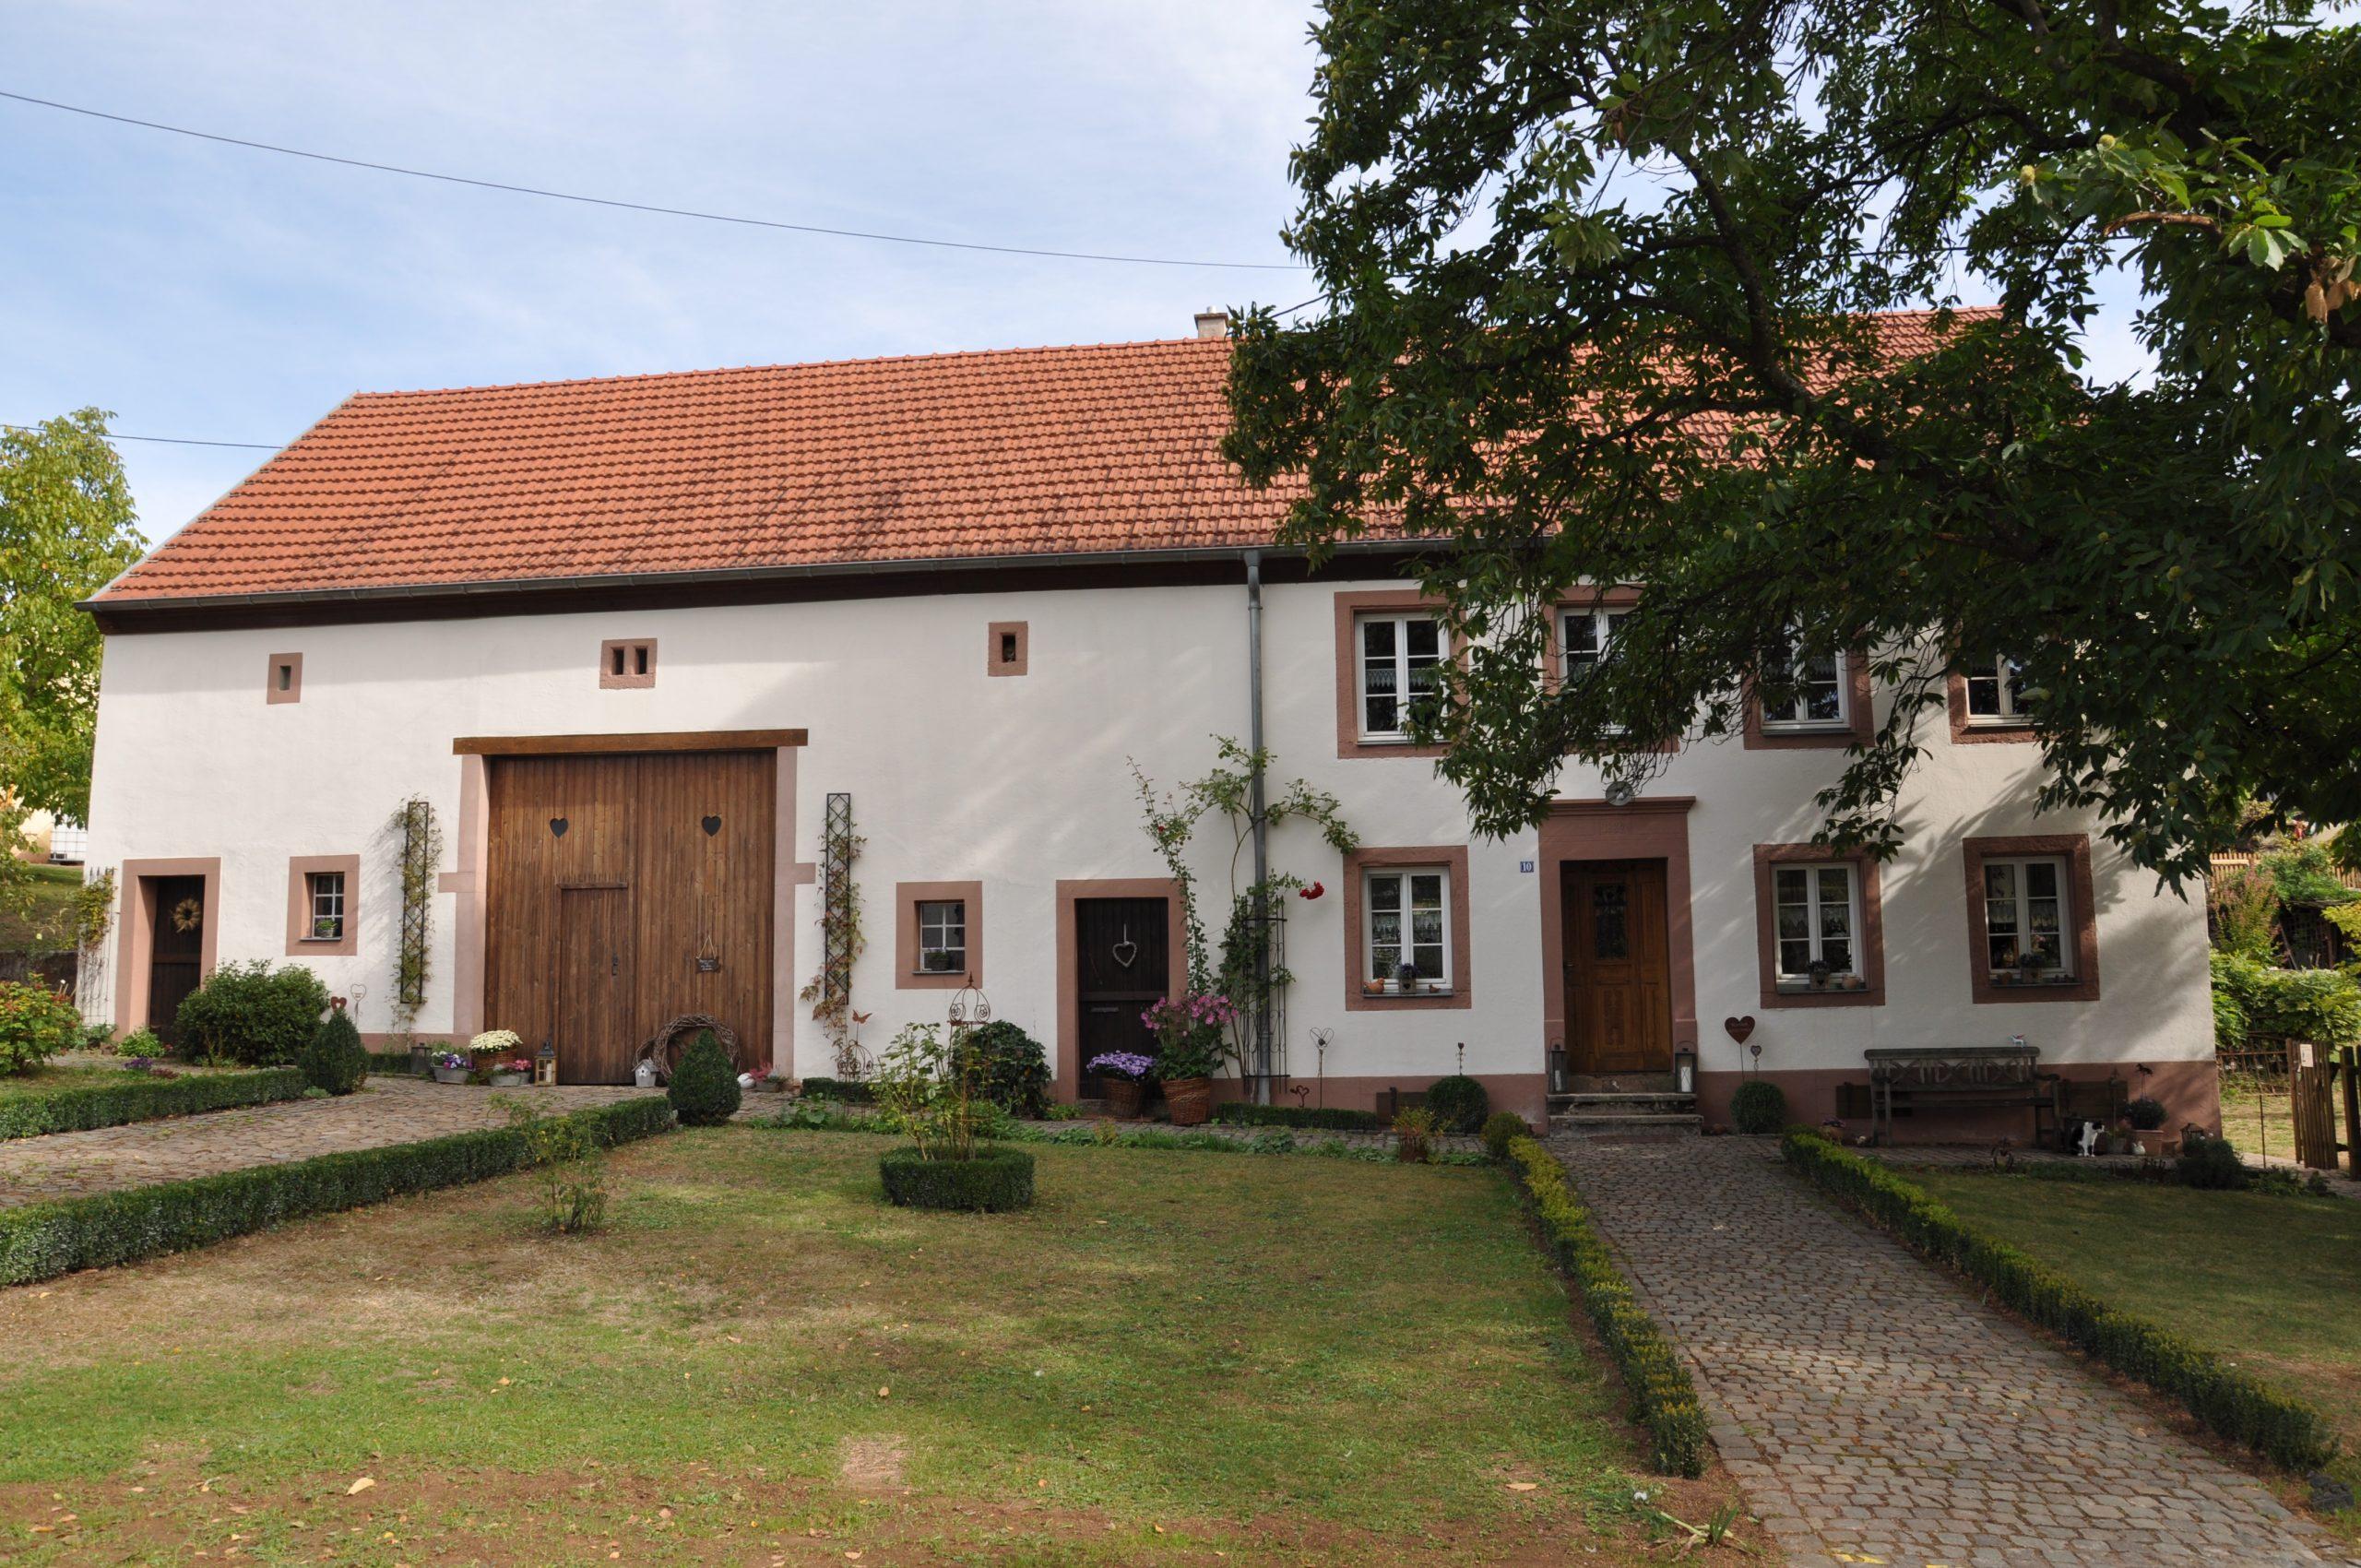 BHW_2018_Erster_Preis_Bauernhaus_in_Lebach-Steinbach_Bildrechte